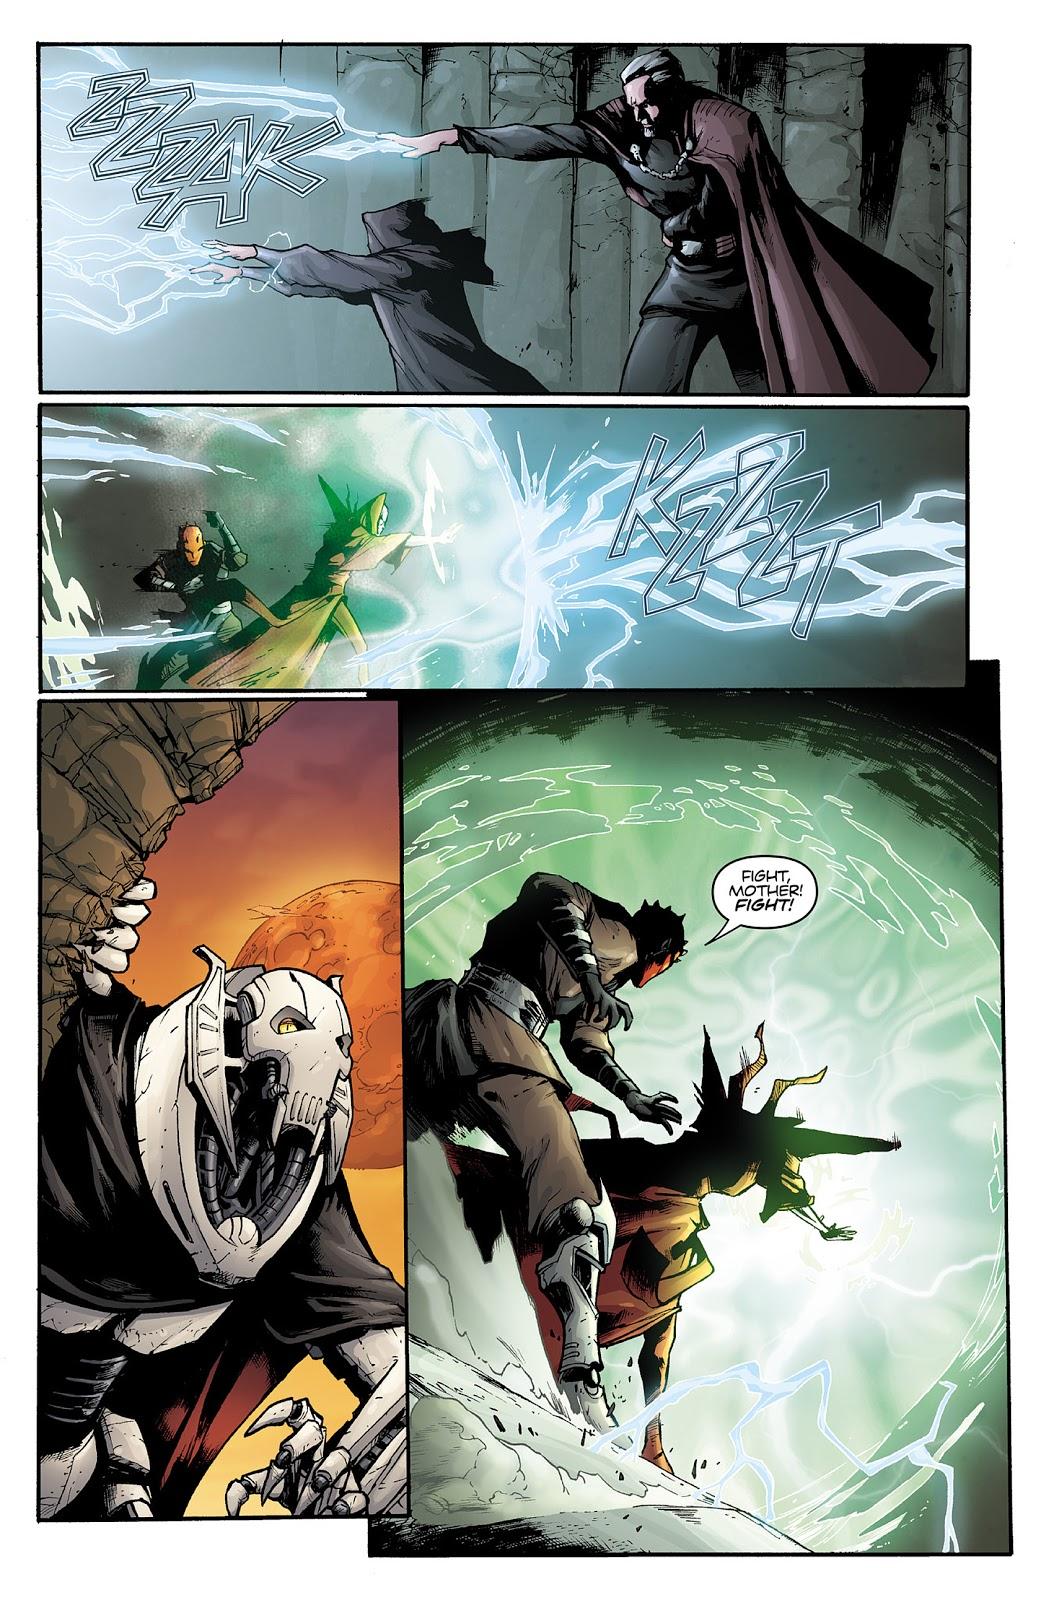 SS - Starkiller (ArkhamAsylum3) vs Qui-Gon Jinn (Meatpants) - Page 2 Sidiou21